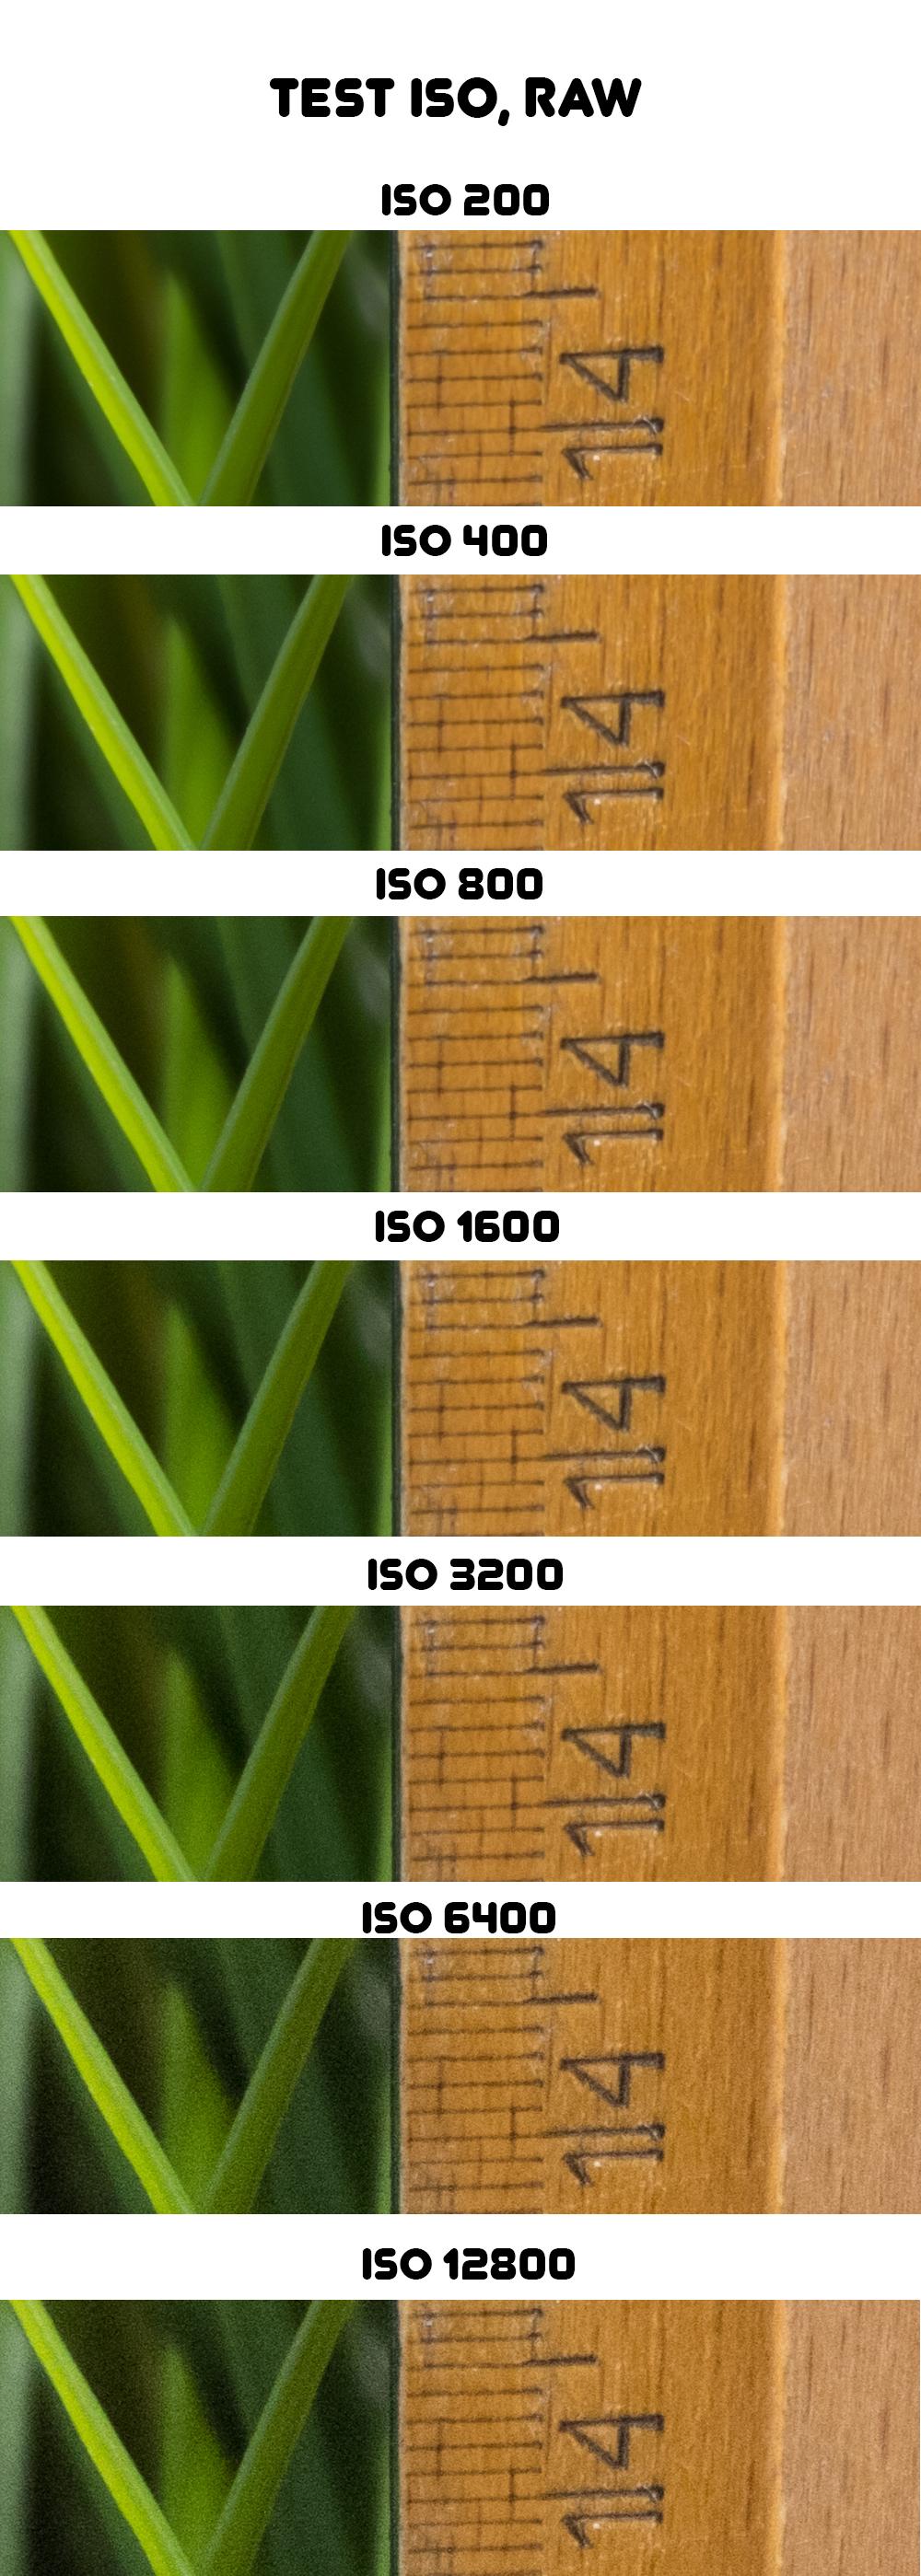 Fujifilm X-M1 - ISO, RAW